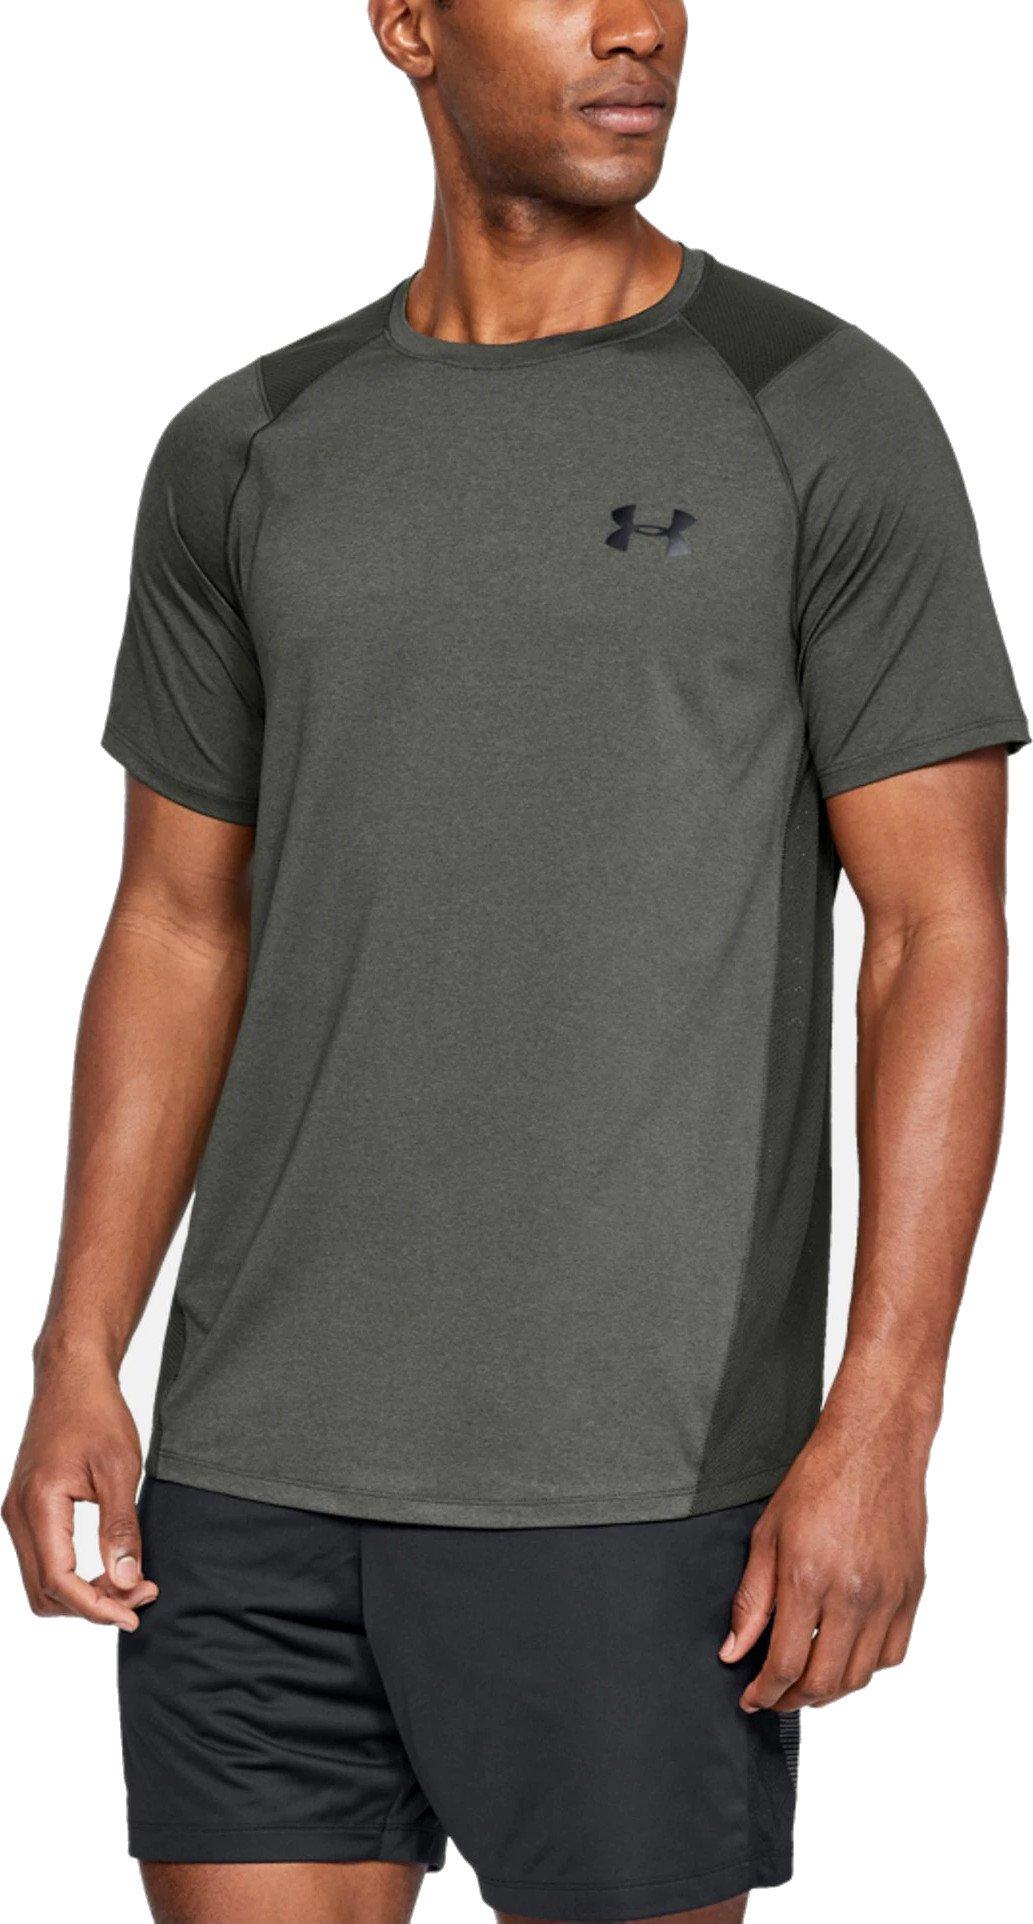 Pánské tréninkové tričko s krátkým rukávem Under Armour Raid 2.0